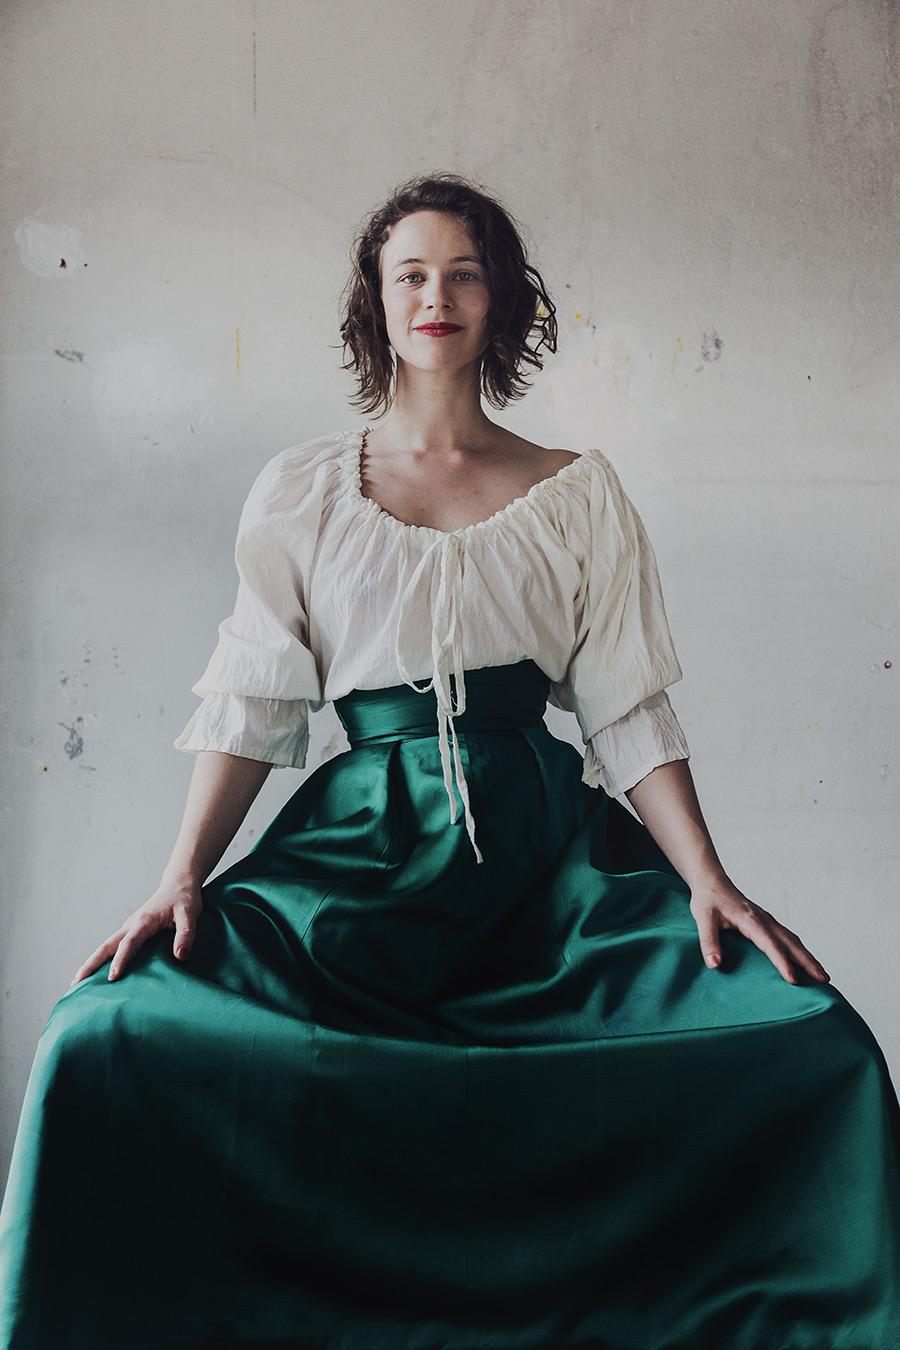 Kuenstlerfotografie Antje Kröger